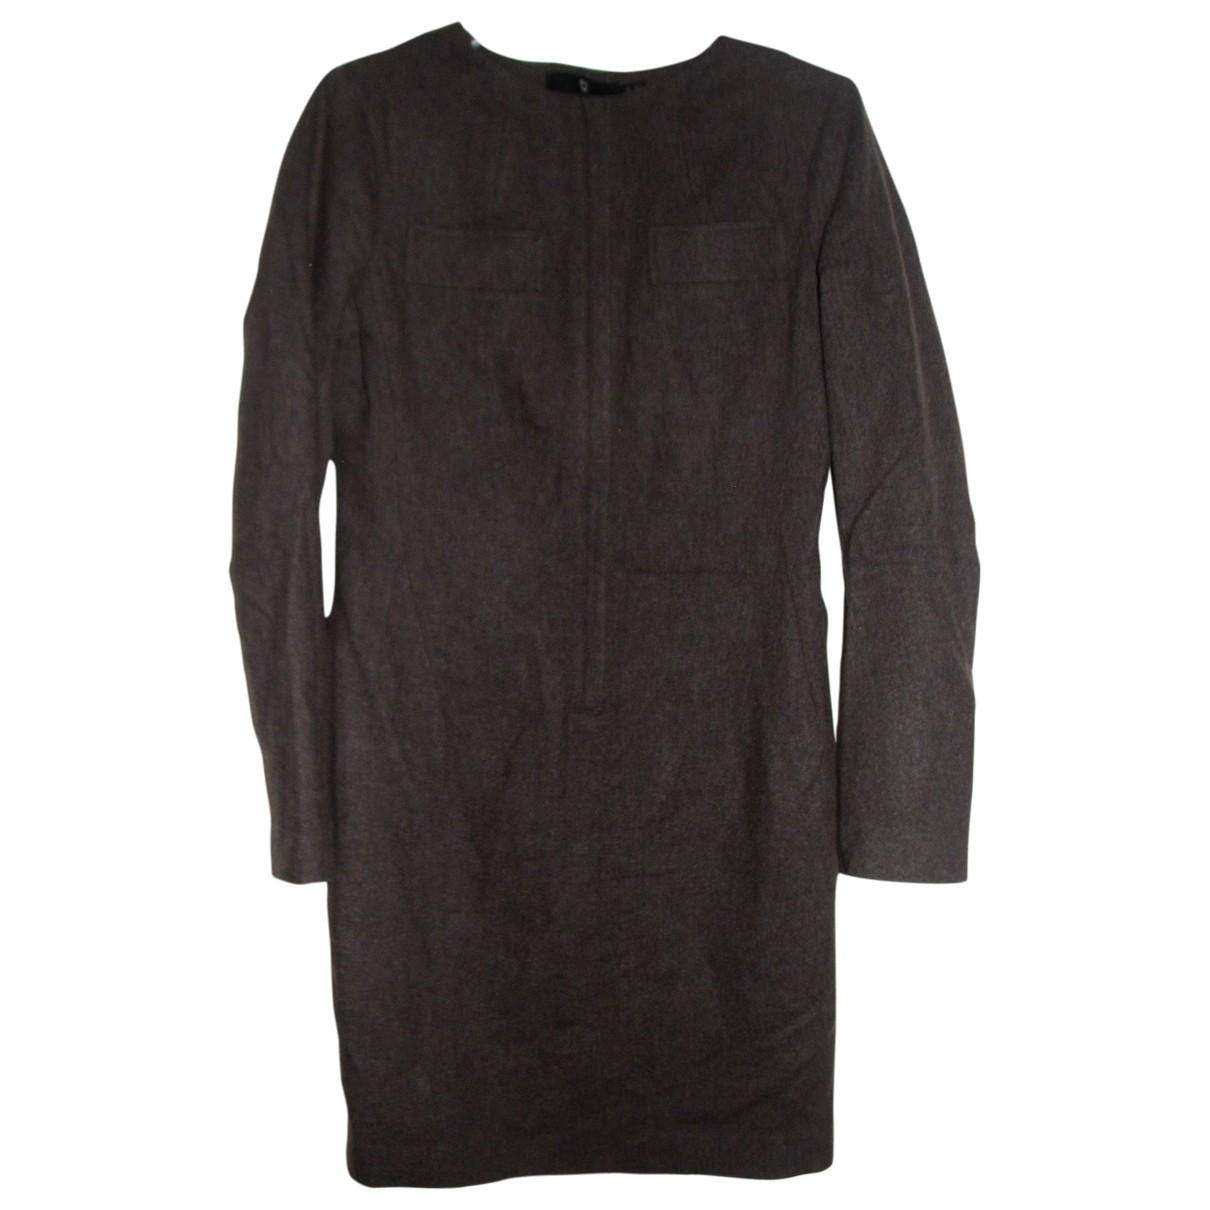 Jil Sander \N Kleid in  Braun Wolle